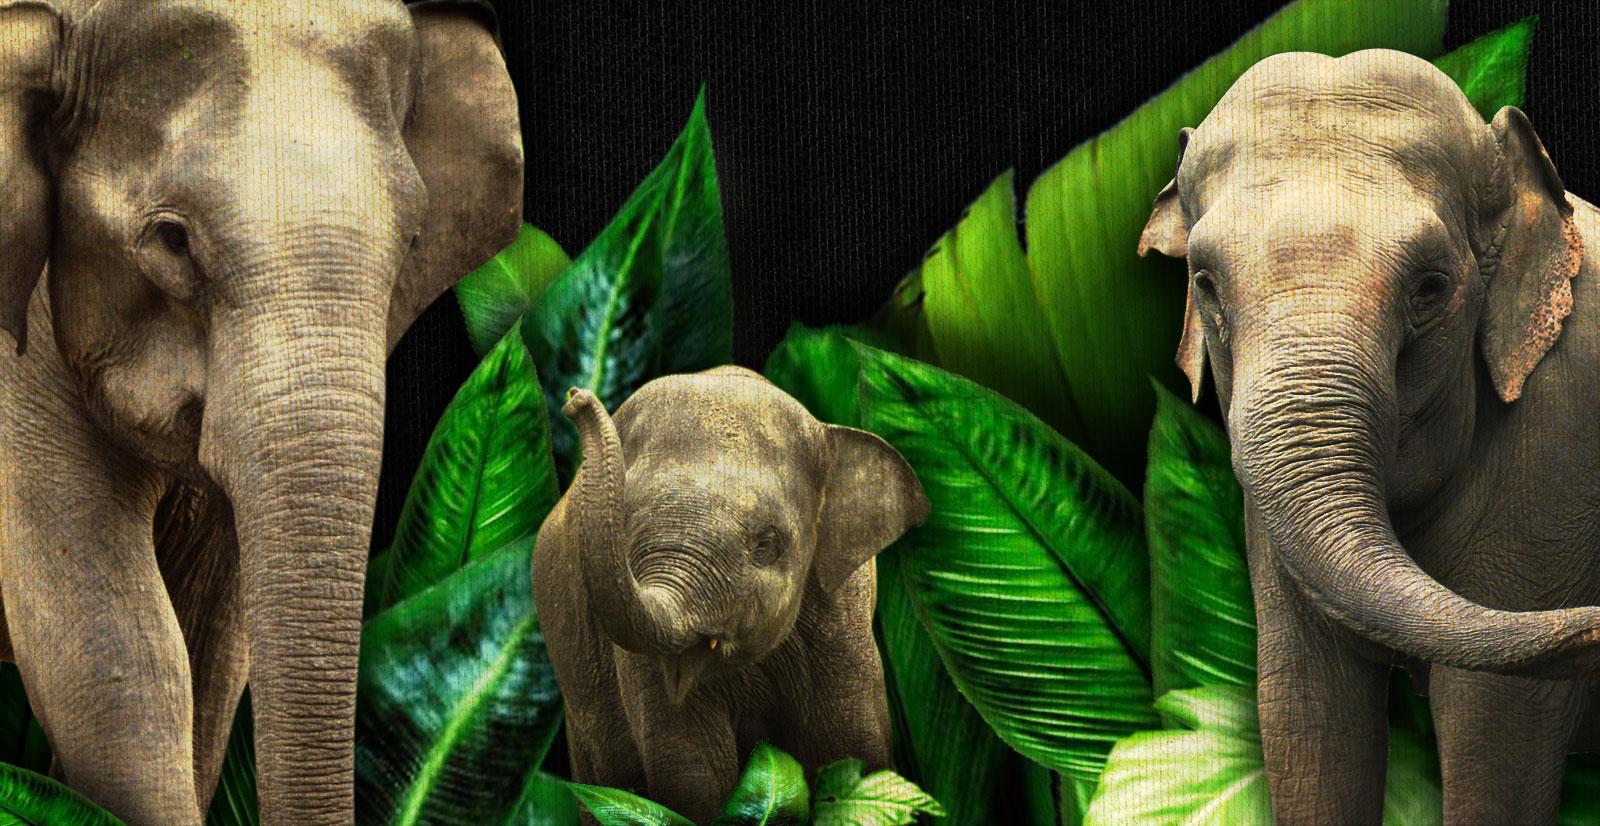 ElephantSlideMd